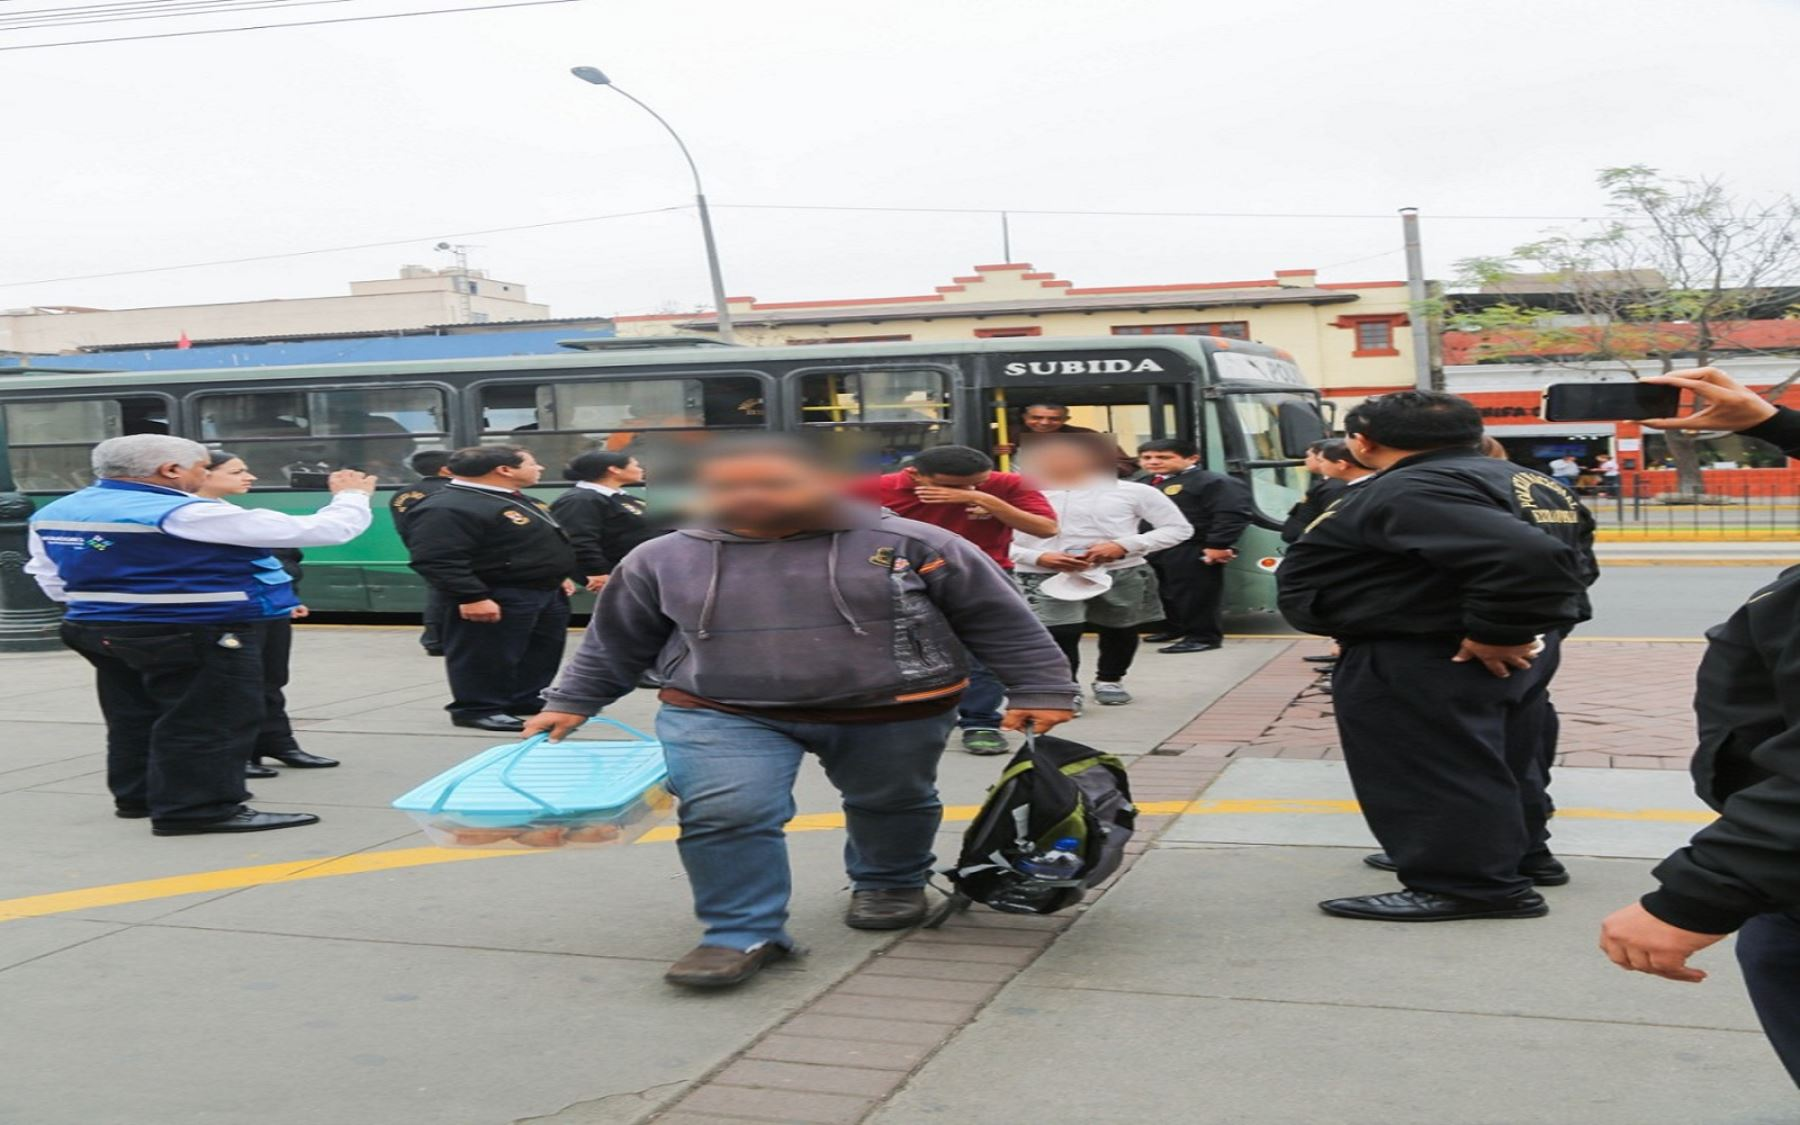 Migraciones y Policía efectúan operativo de fiscalización migratoria en Santa Anita Foto: Migraciones